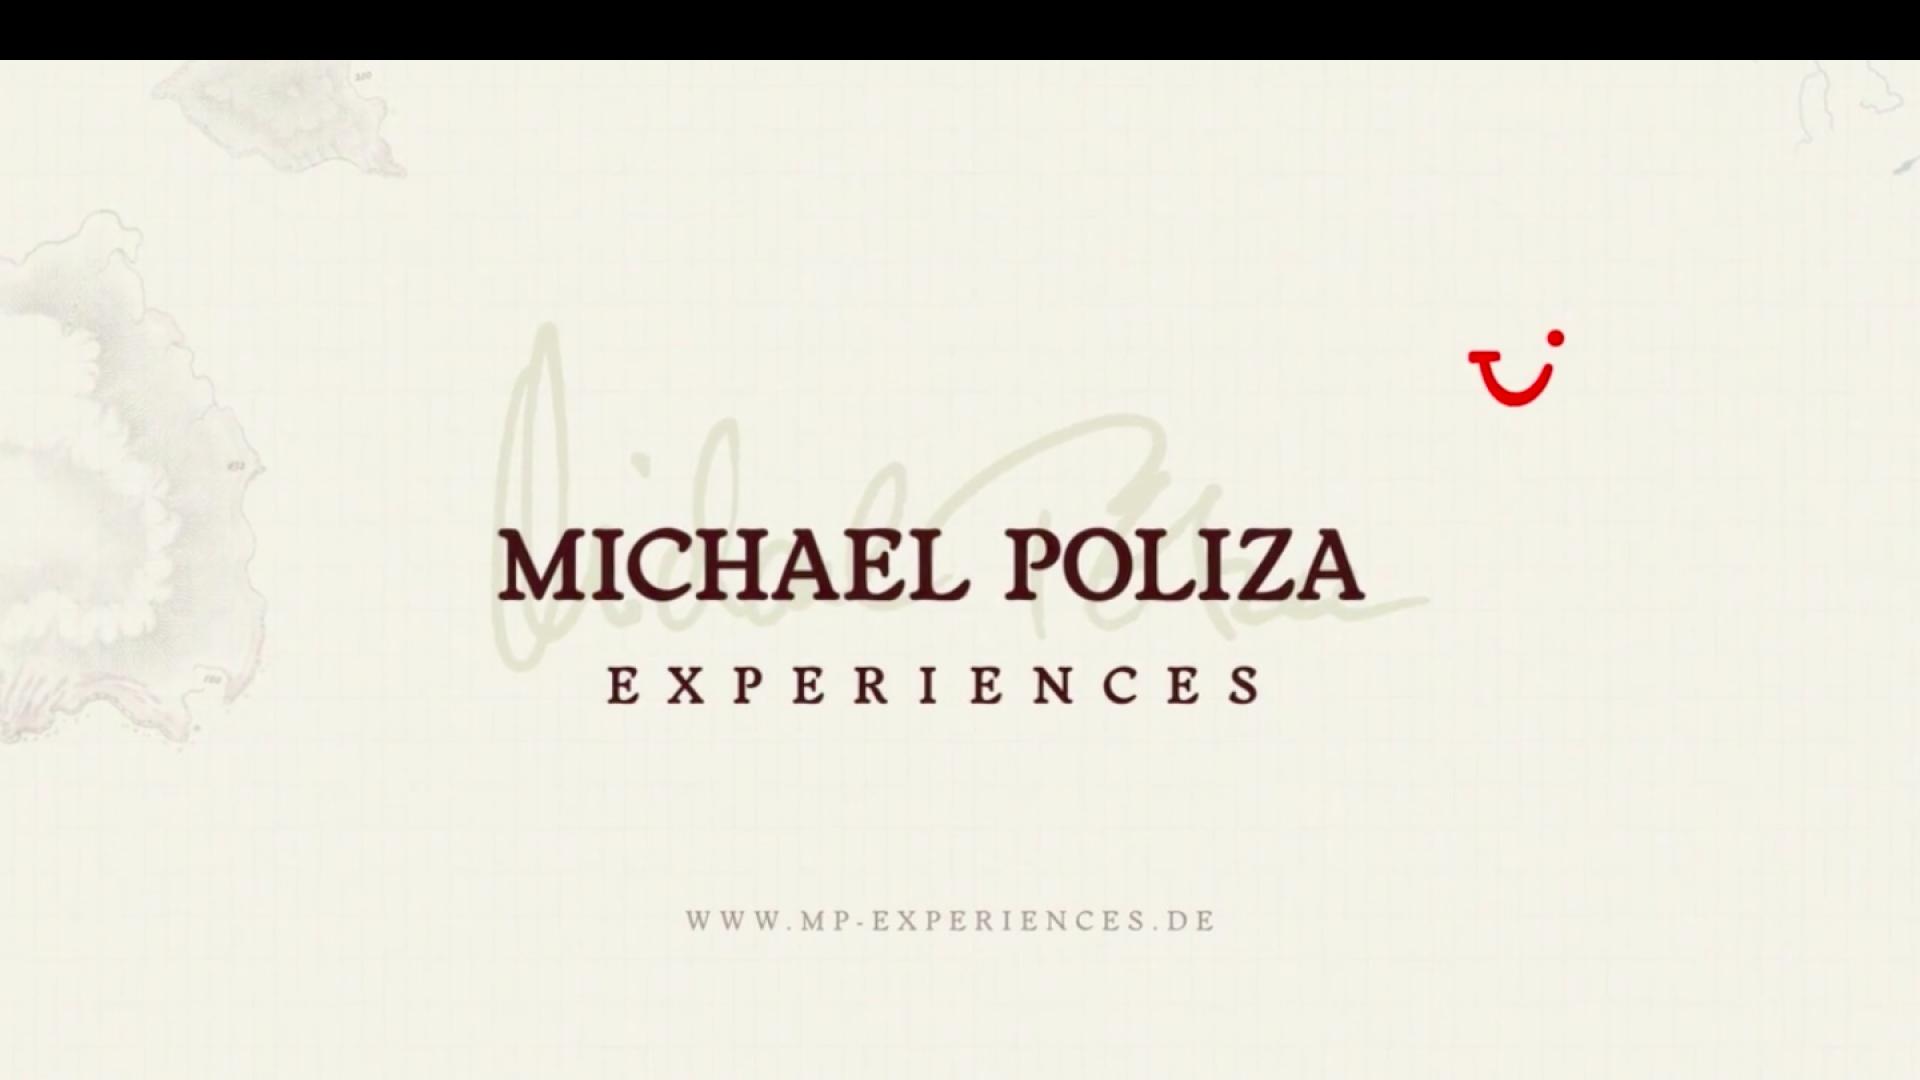 Tui michael poliza casefilm